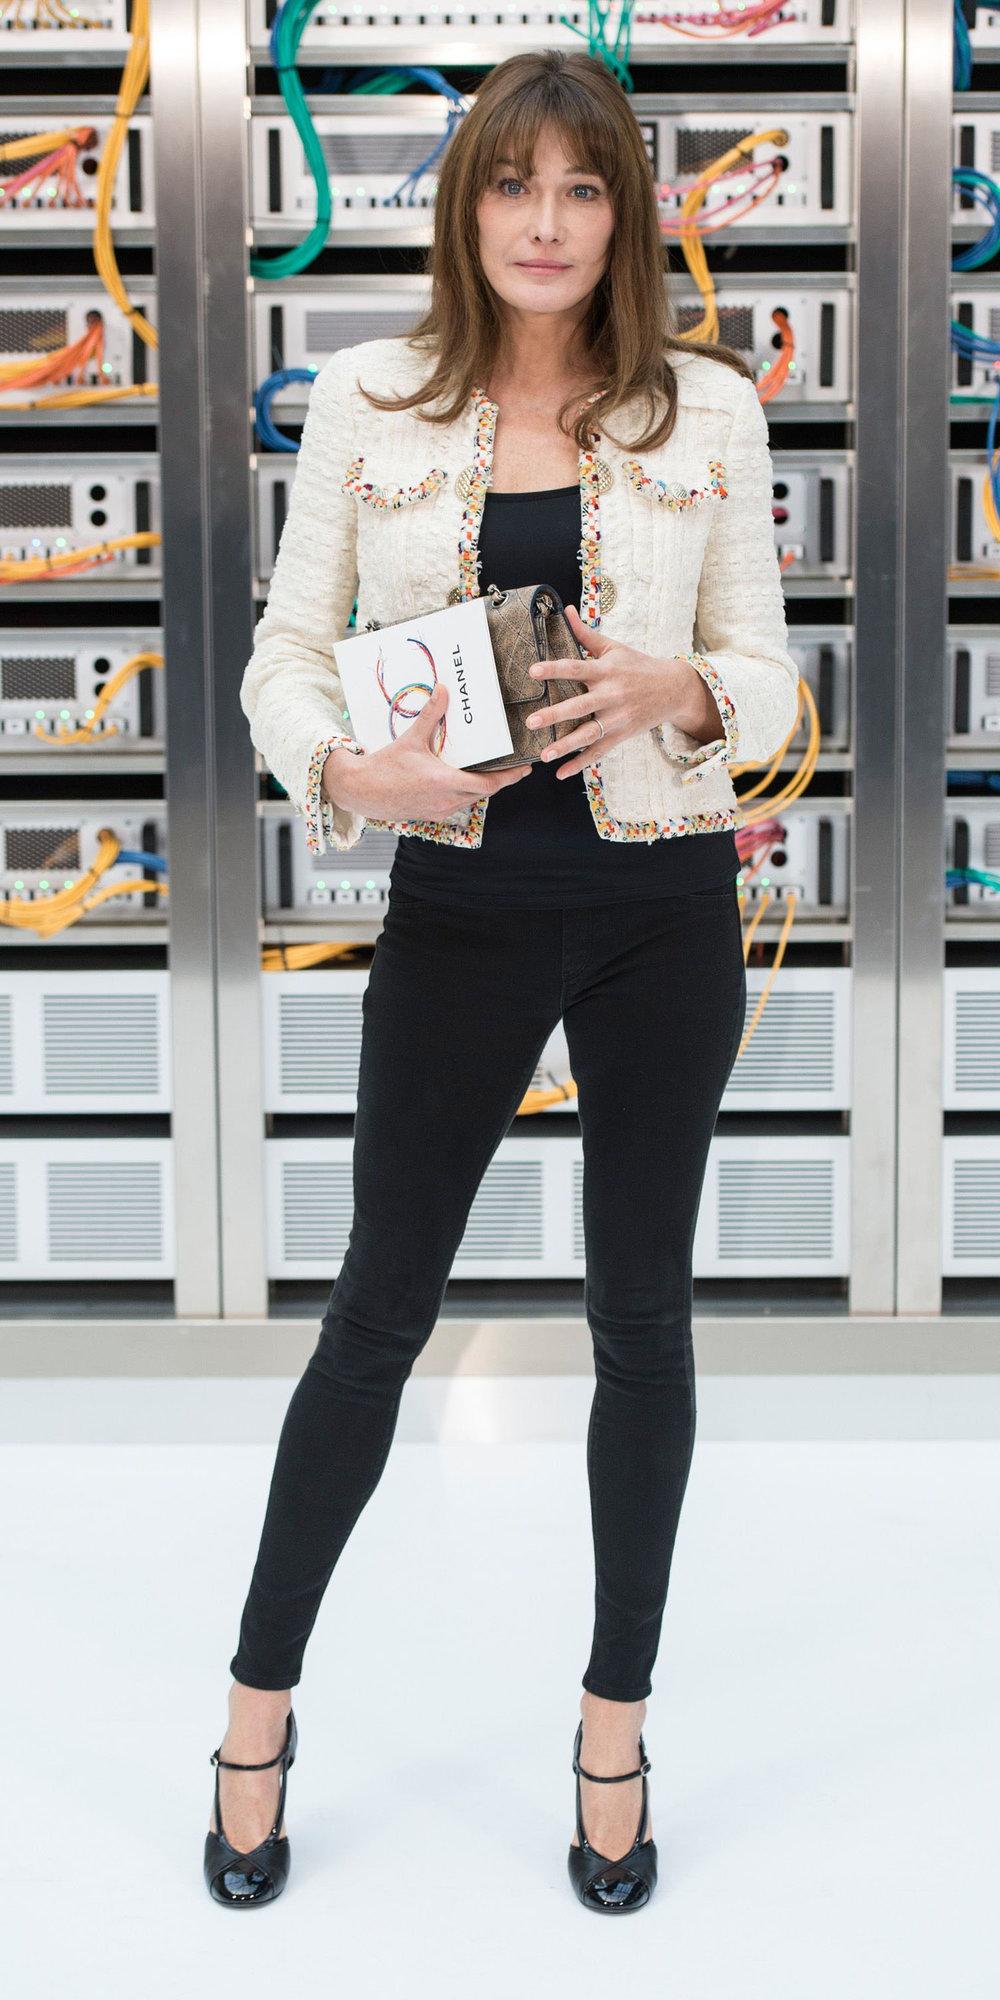 black-skinny-jeans-hairr-black-shoe-pumps-tweed-white-jacket-lady-fall-winter-dinner.jpg